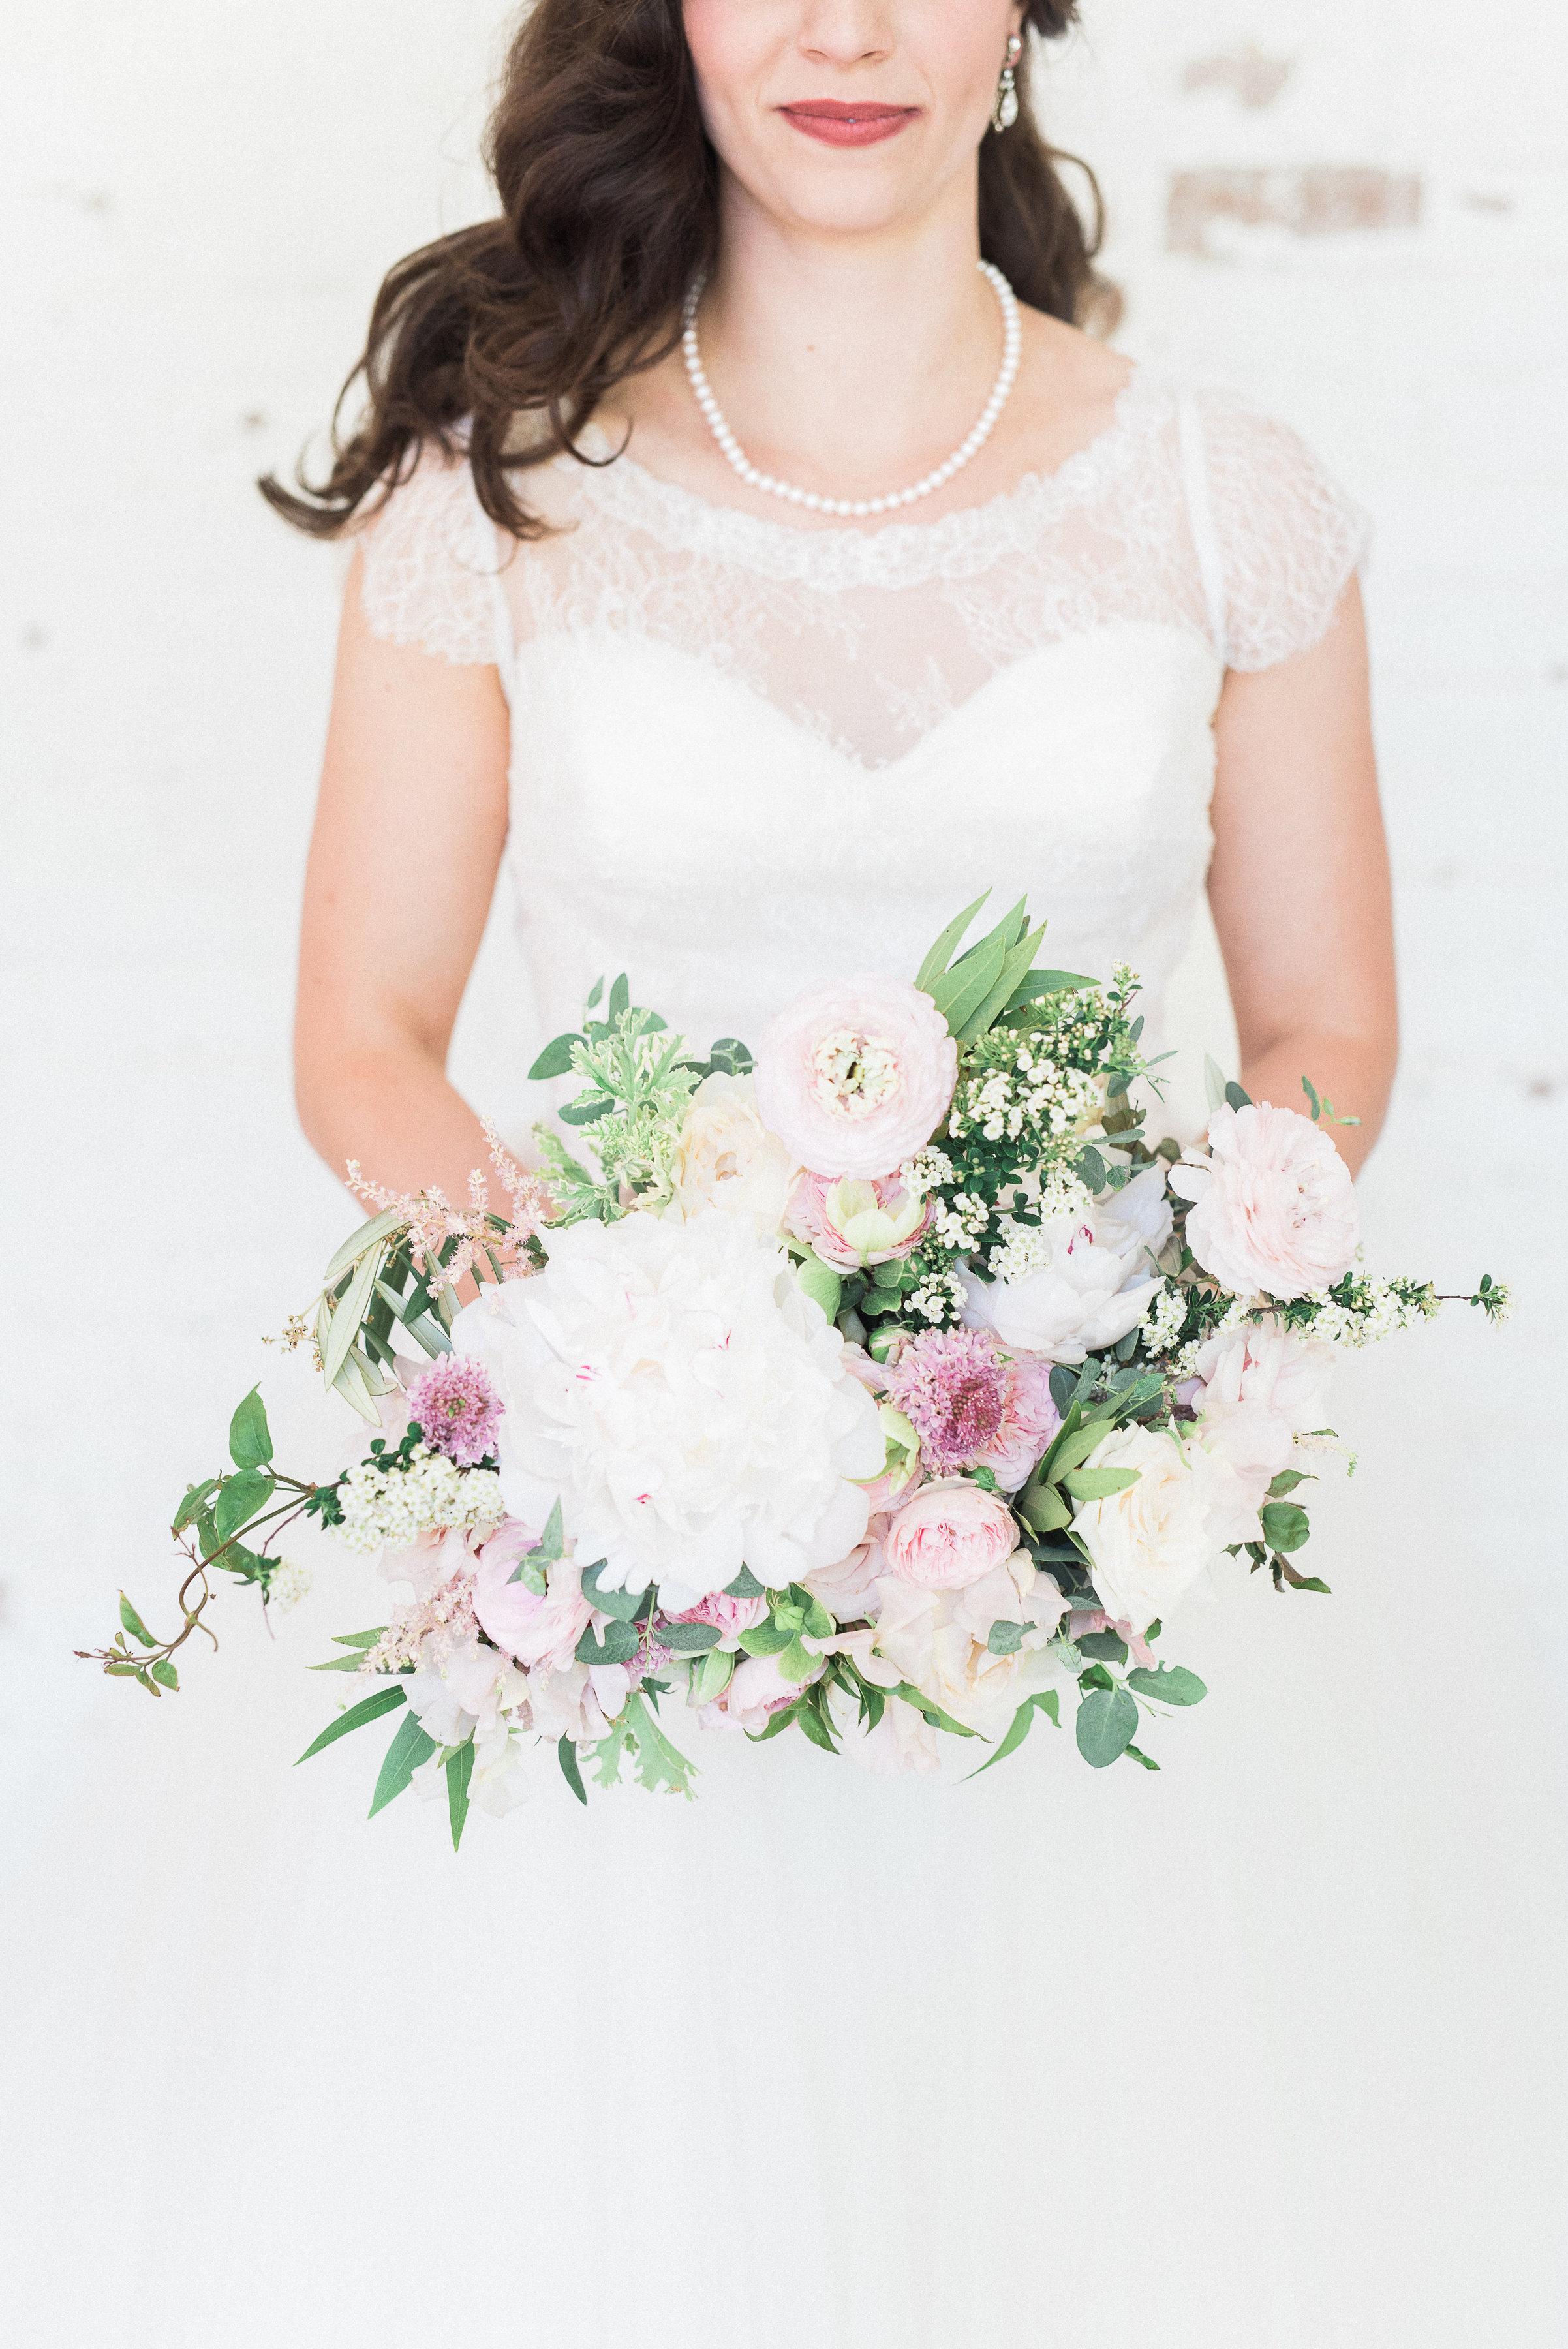 Blush and white natural floral design // Nashville Spring Wedding Florist